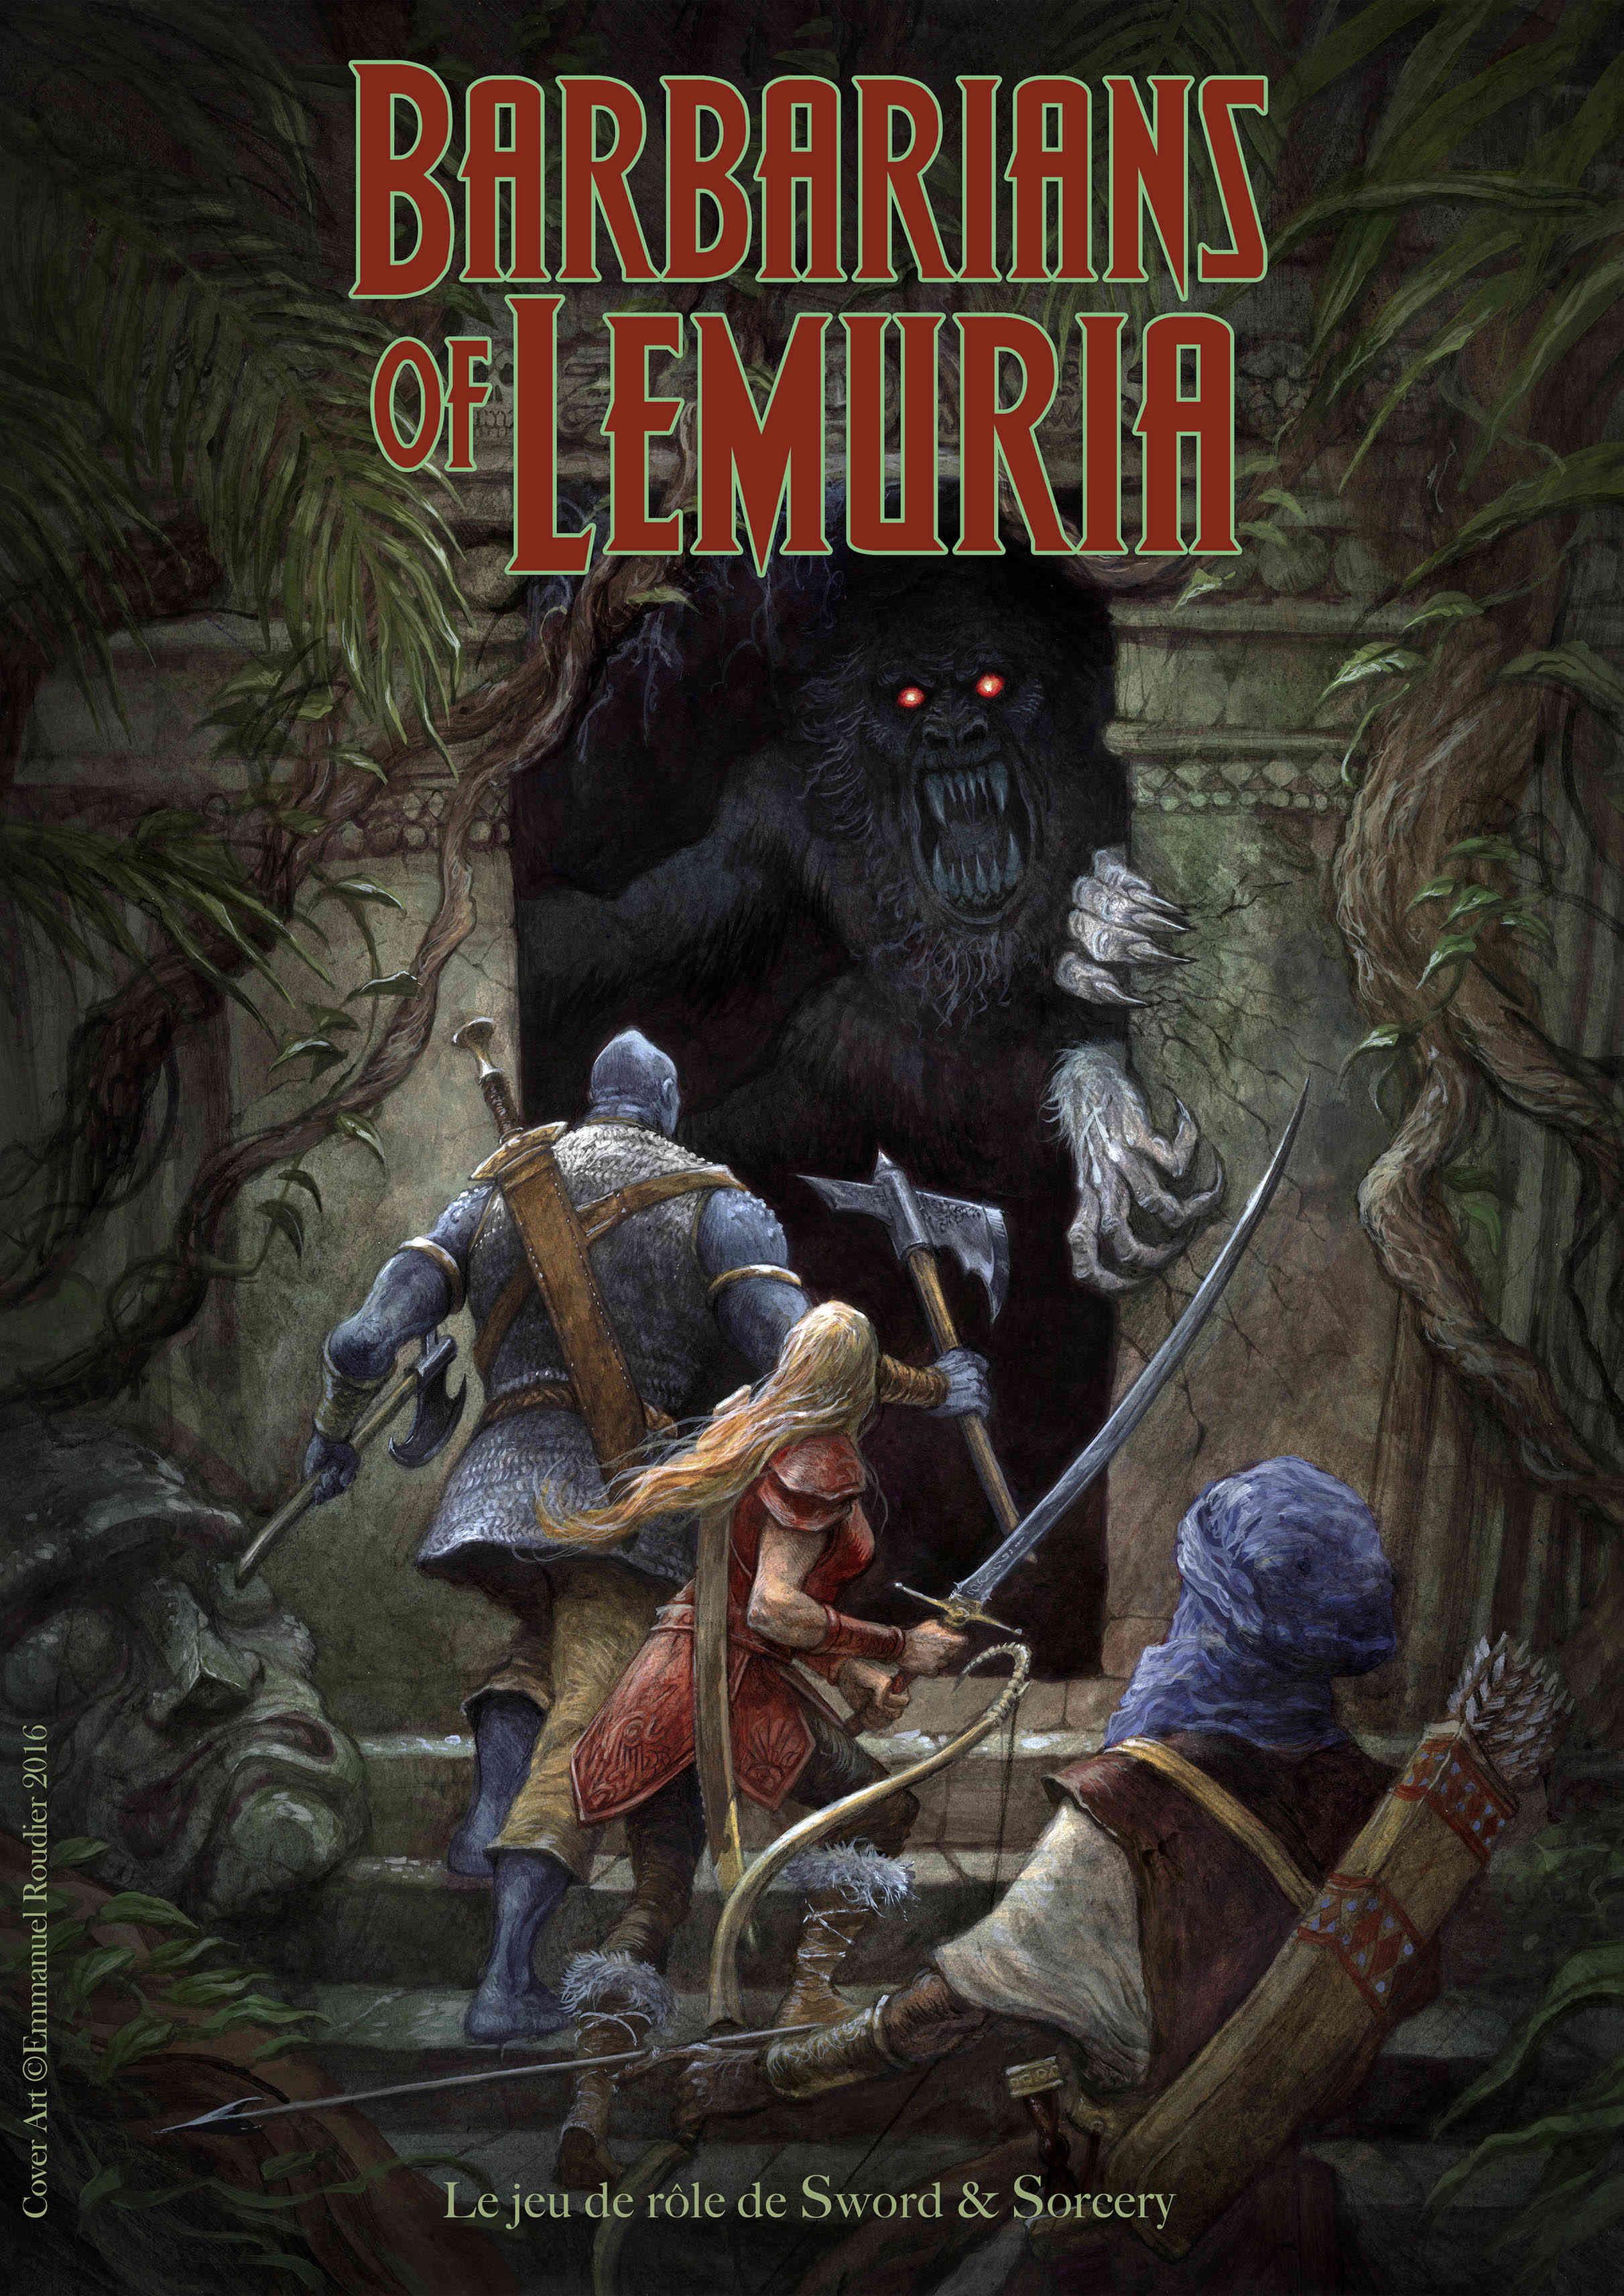 Barbarians of Lemuria - La Dark Fantasy selon Krongar Barbar12